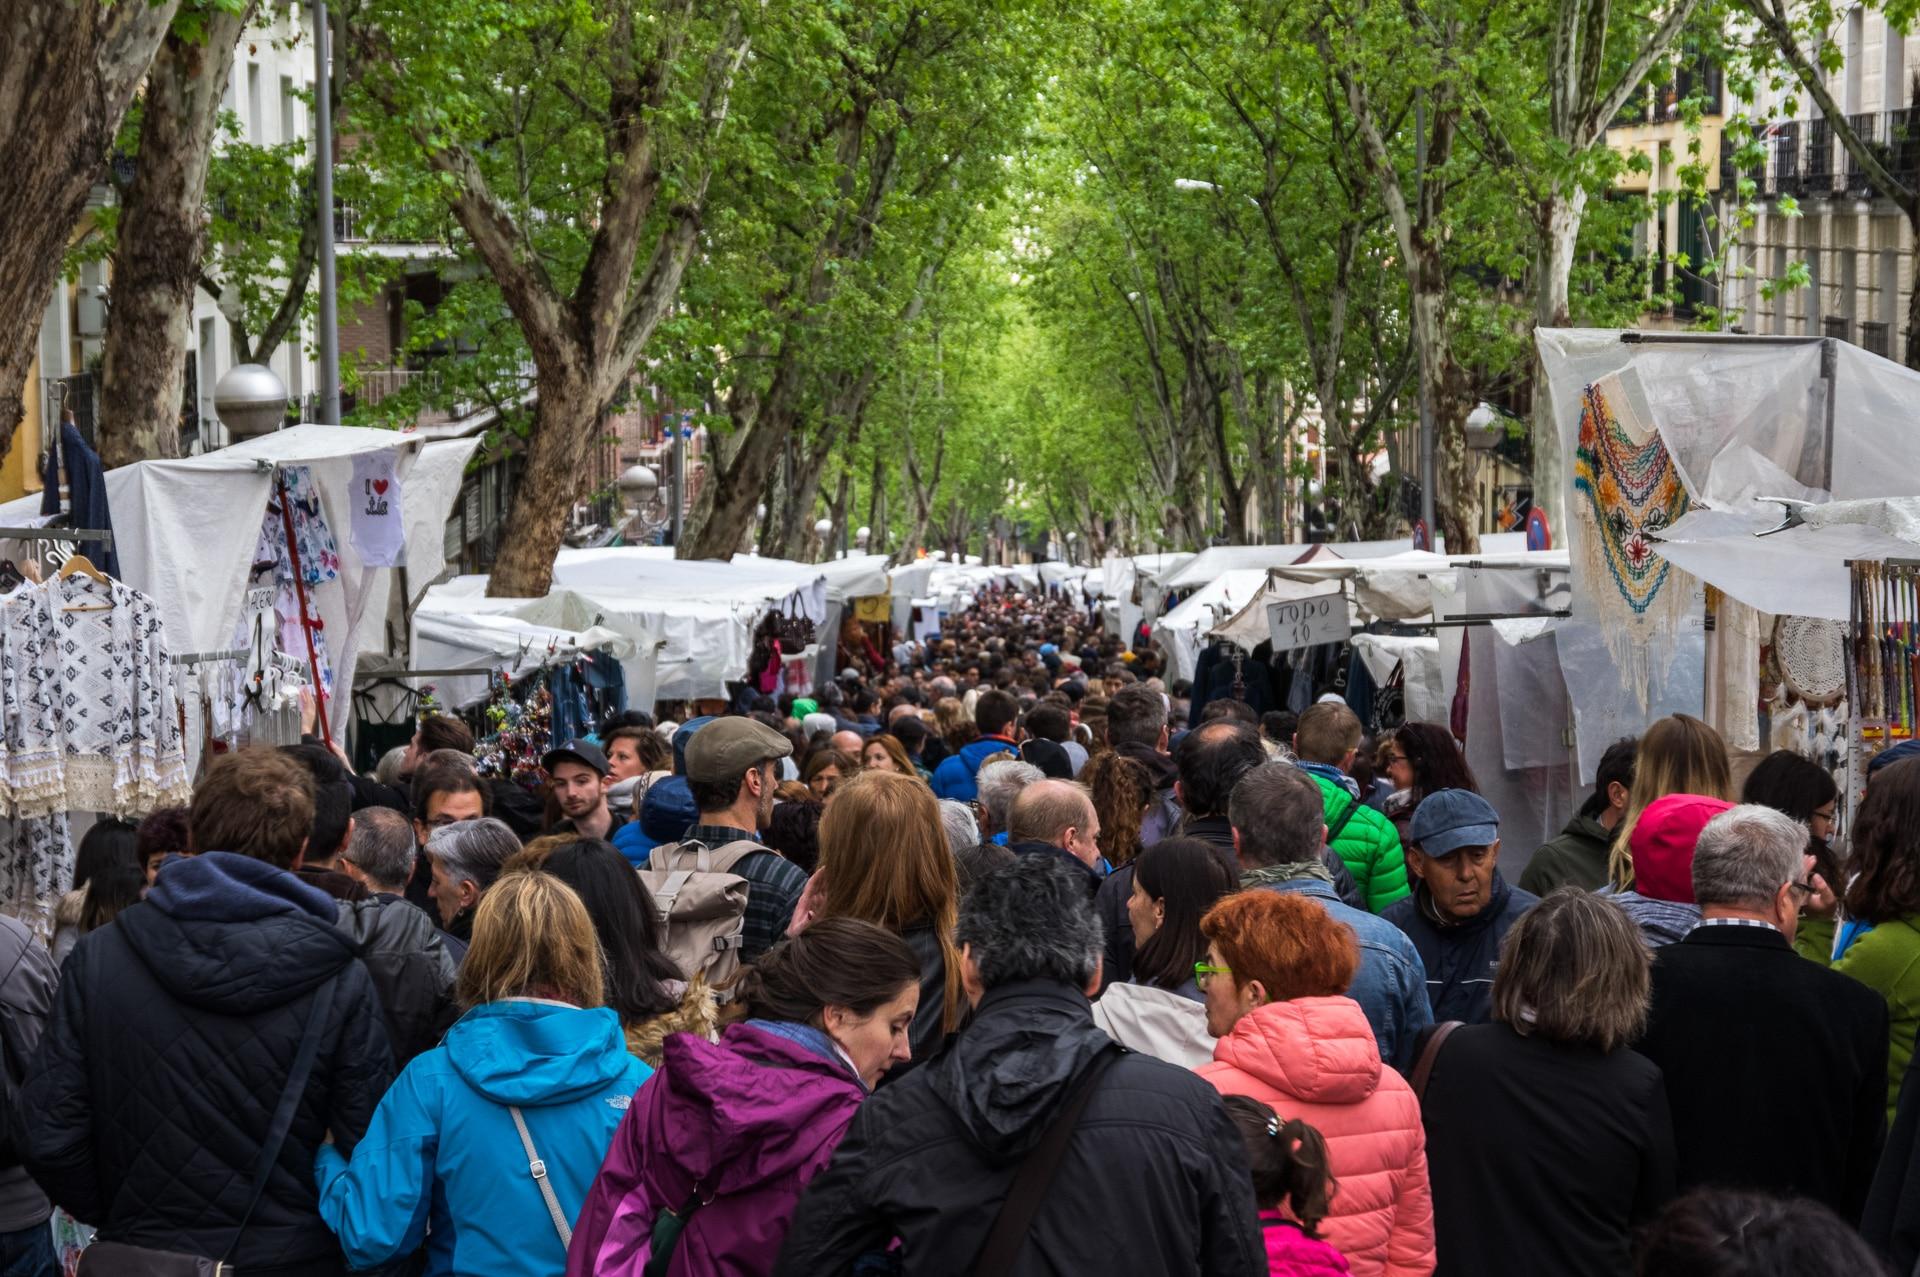 People walking on El Rastro's main street